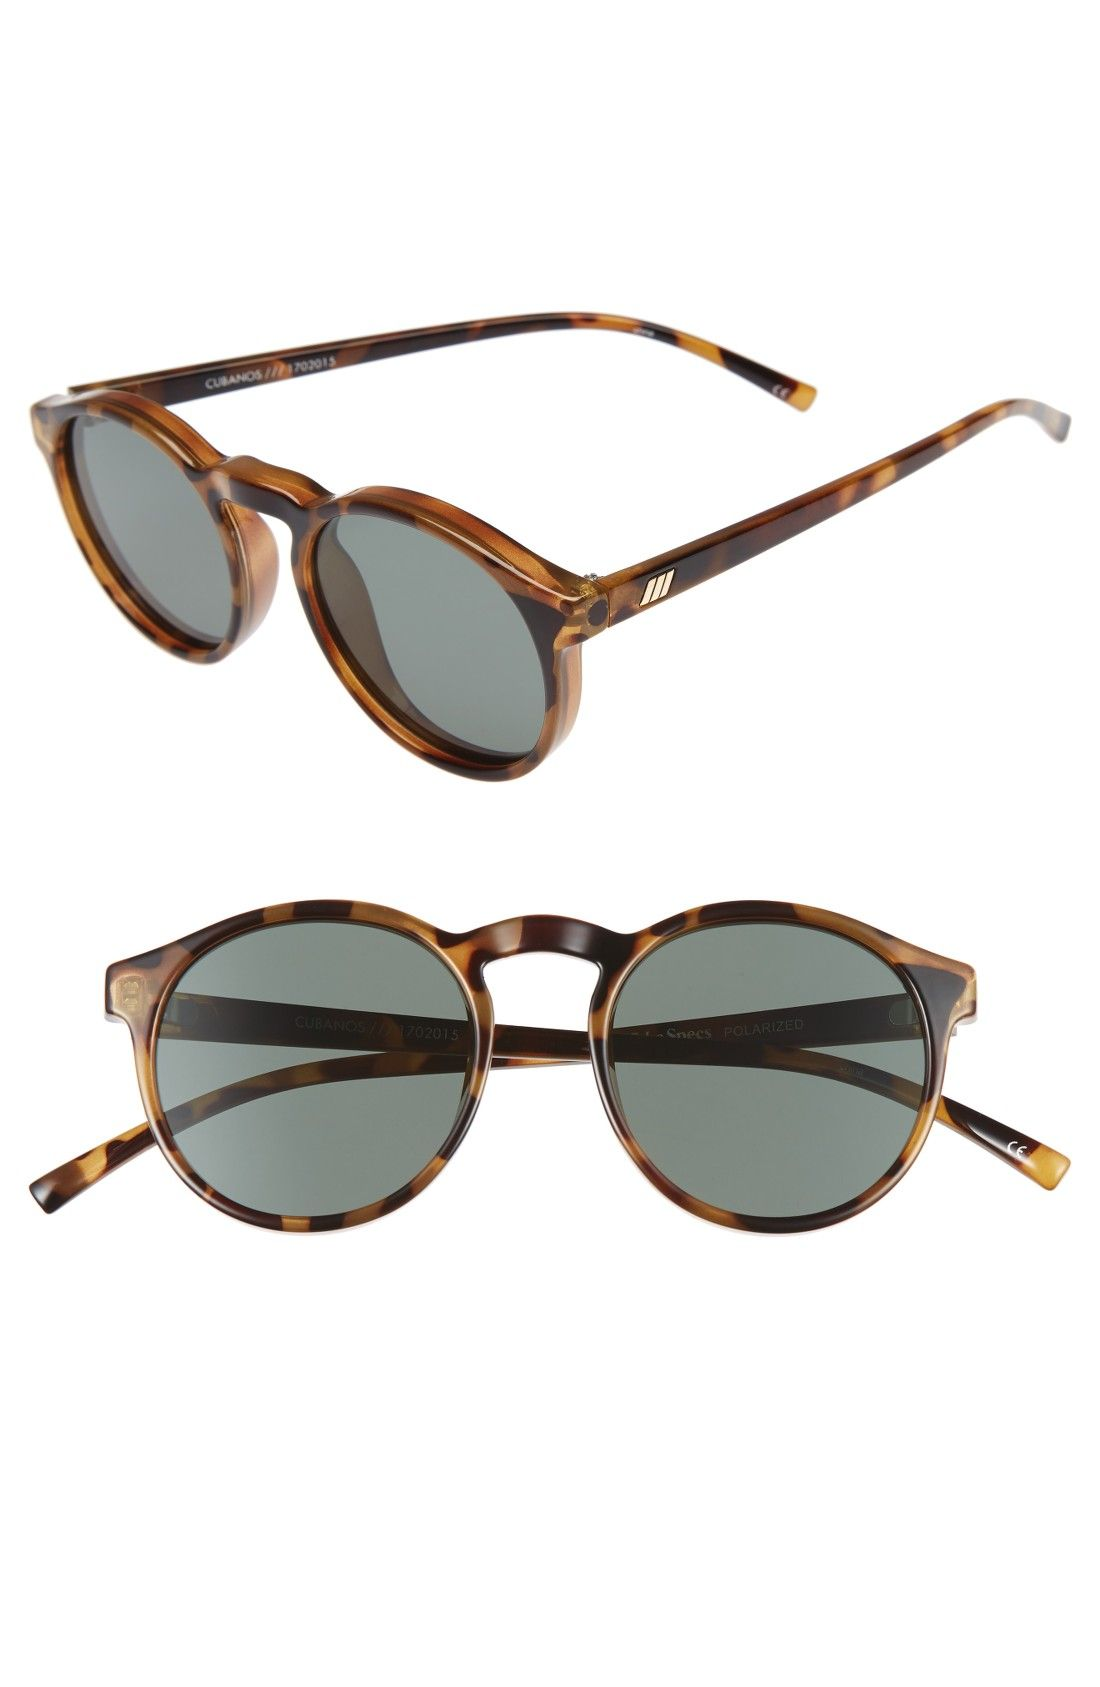 7017ec9a8f0b le specs cubanos 47mm round sunglasses | Clothes/accessories | Le ...